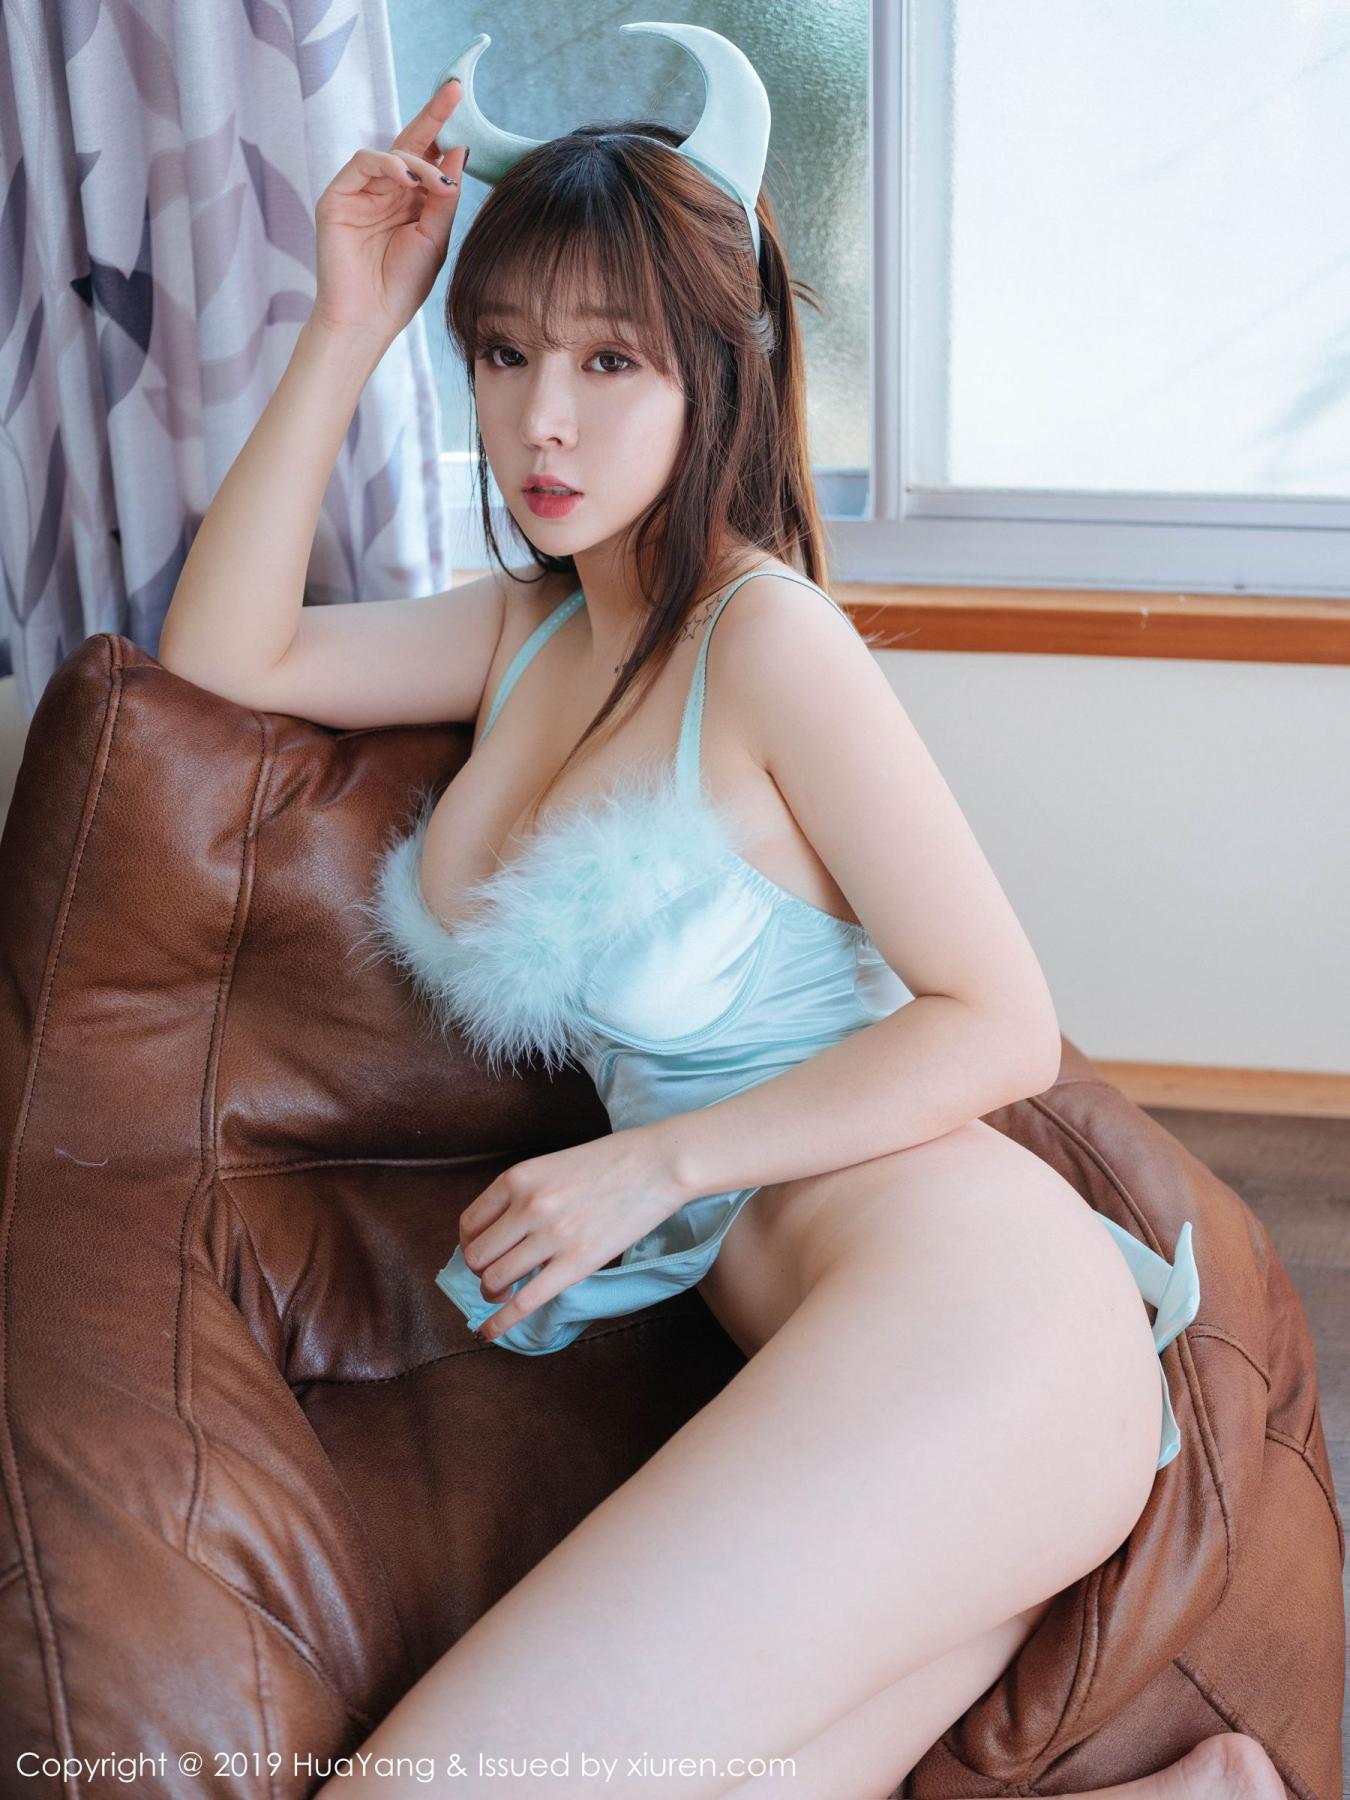 [Huayang] Vol.120 Wang Yu Chun 21P, Adult, Big Booty, HuaYang, Underwear, Wang Yu Chun